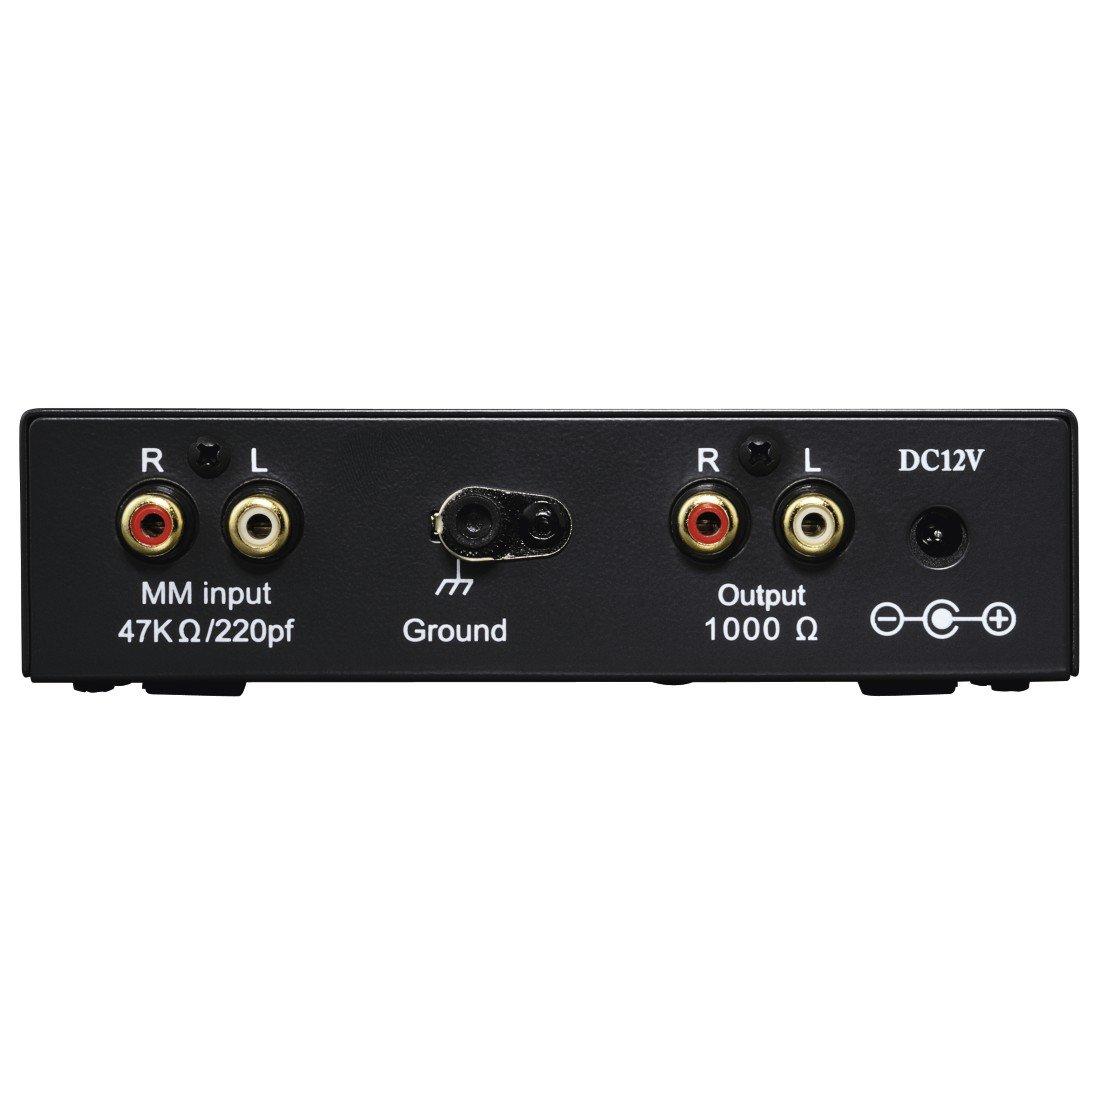 Hama PA 506 - Preamplificador de fono (230 V, 50 Hz, 300 mA), negro: Amazon.es: Informática